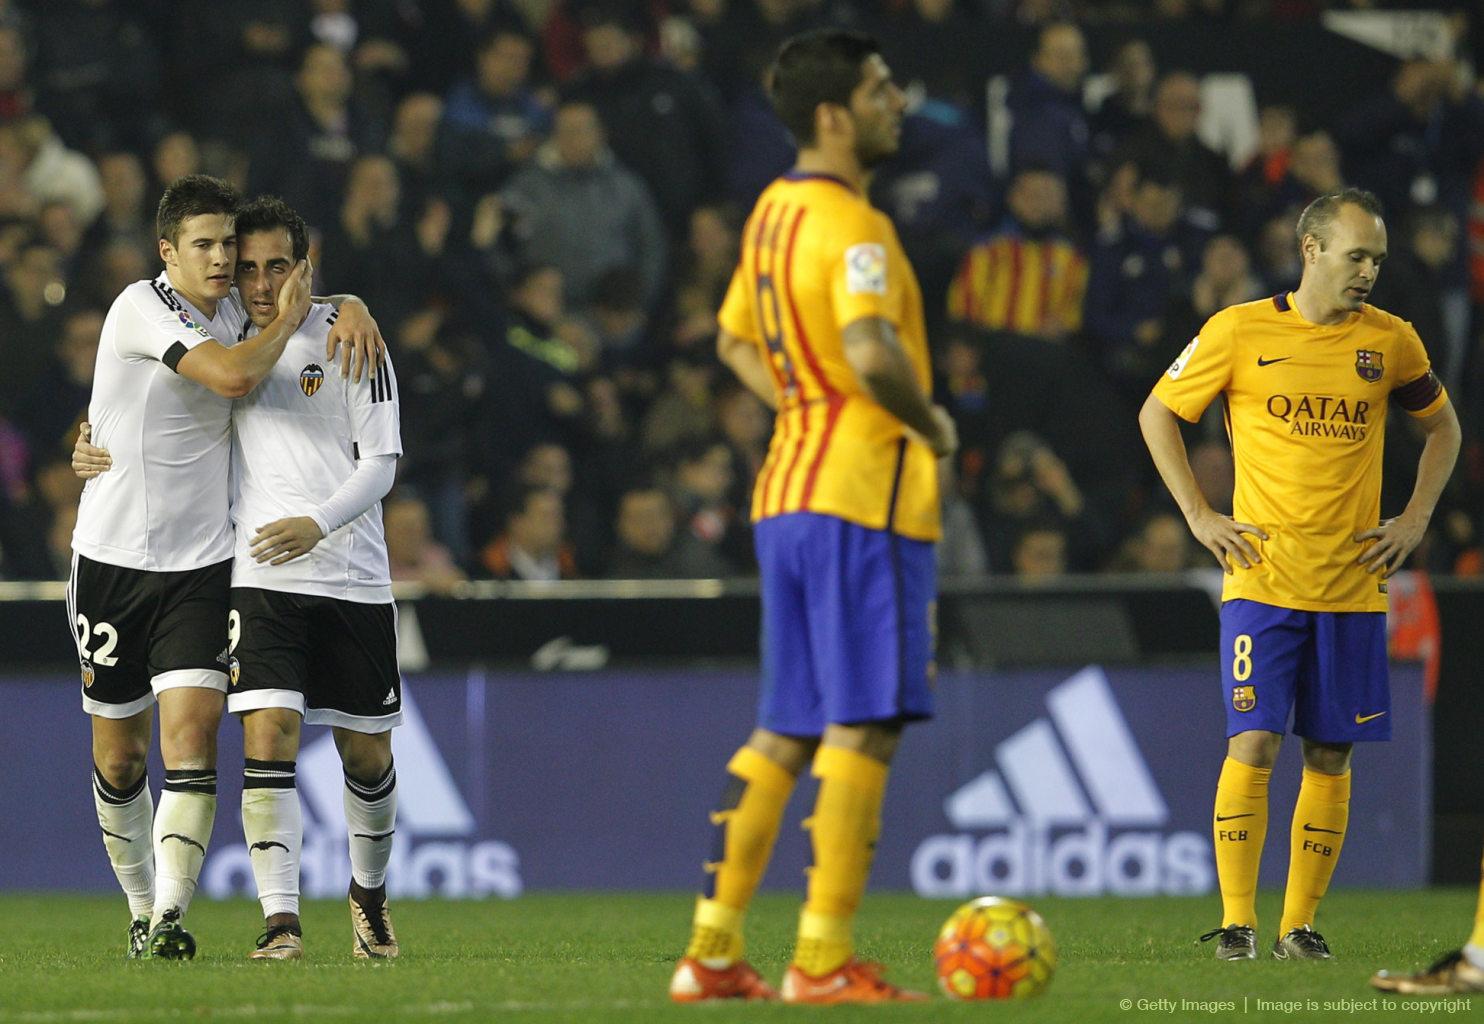 خلاصه بازی والنسیا 1-1 بارسلونا